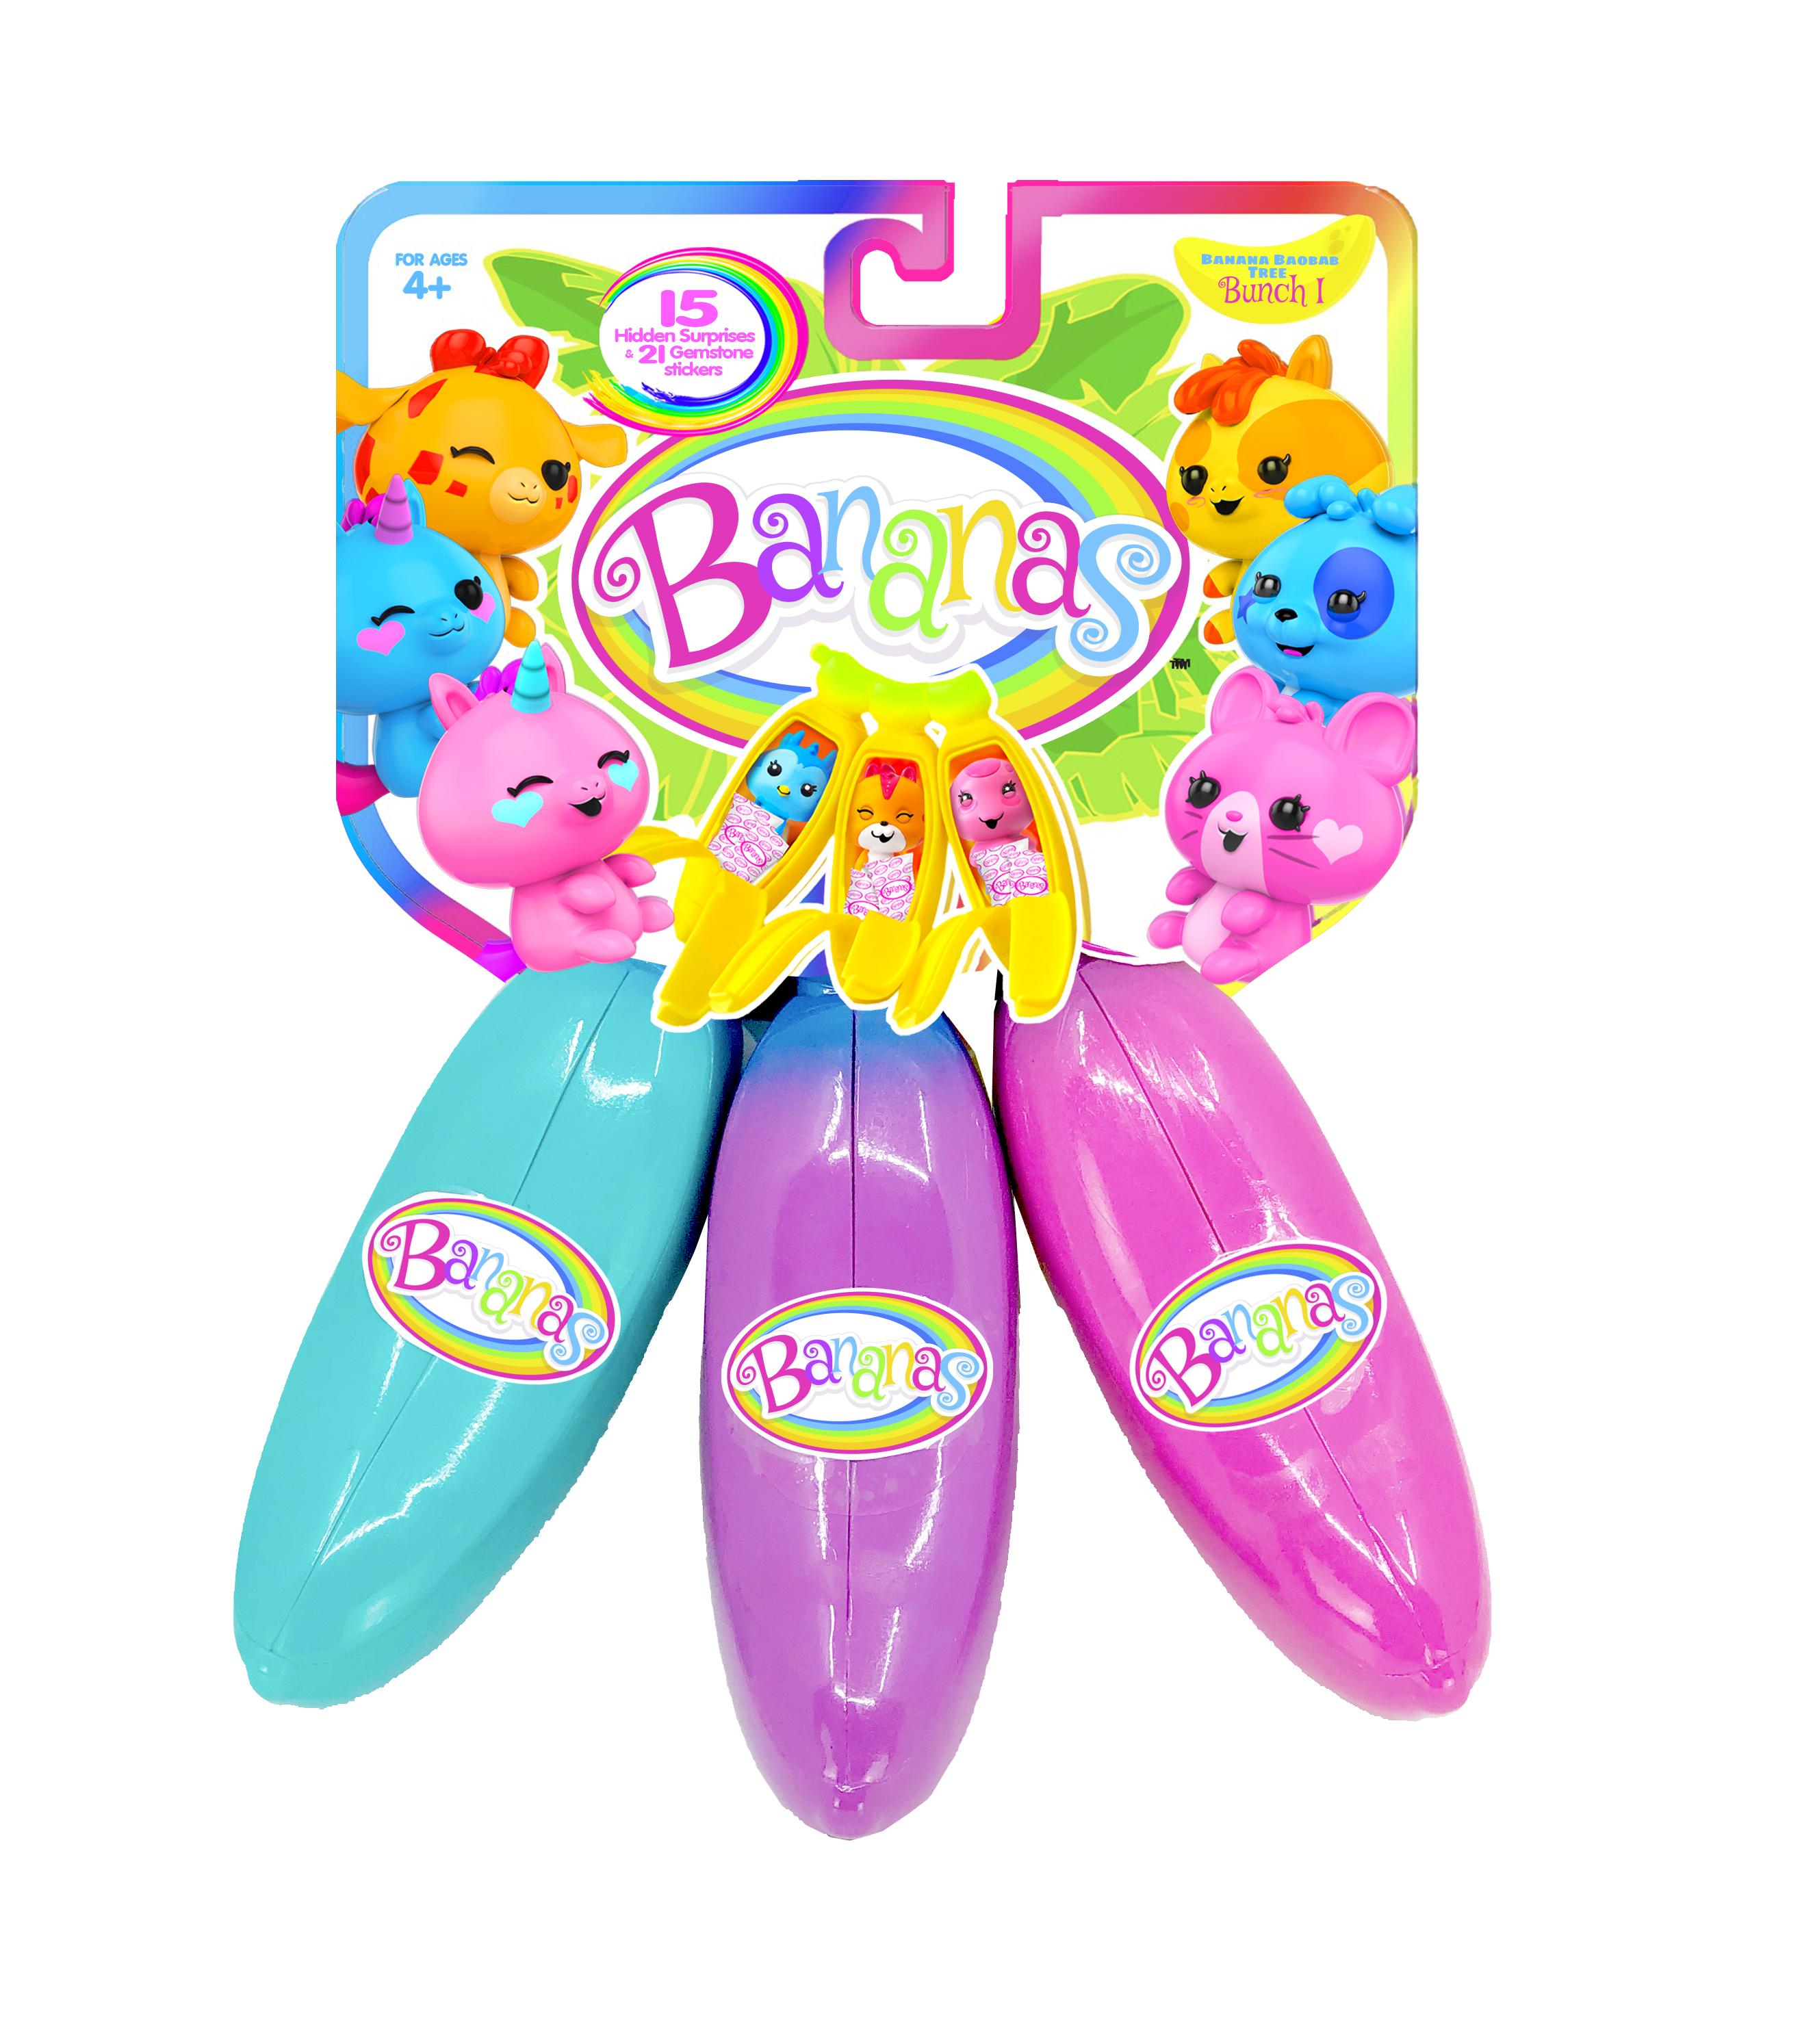 013b6e4c8ff0 Owlkids | Enter the Bananas Toys Contest! - Owlkids